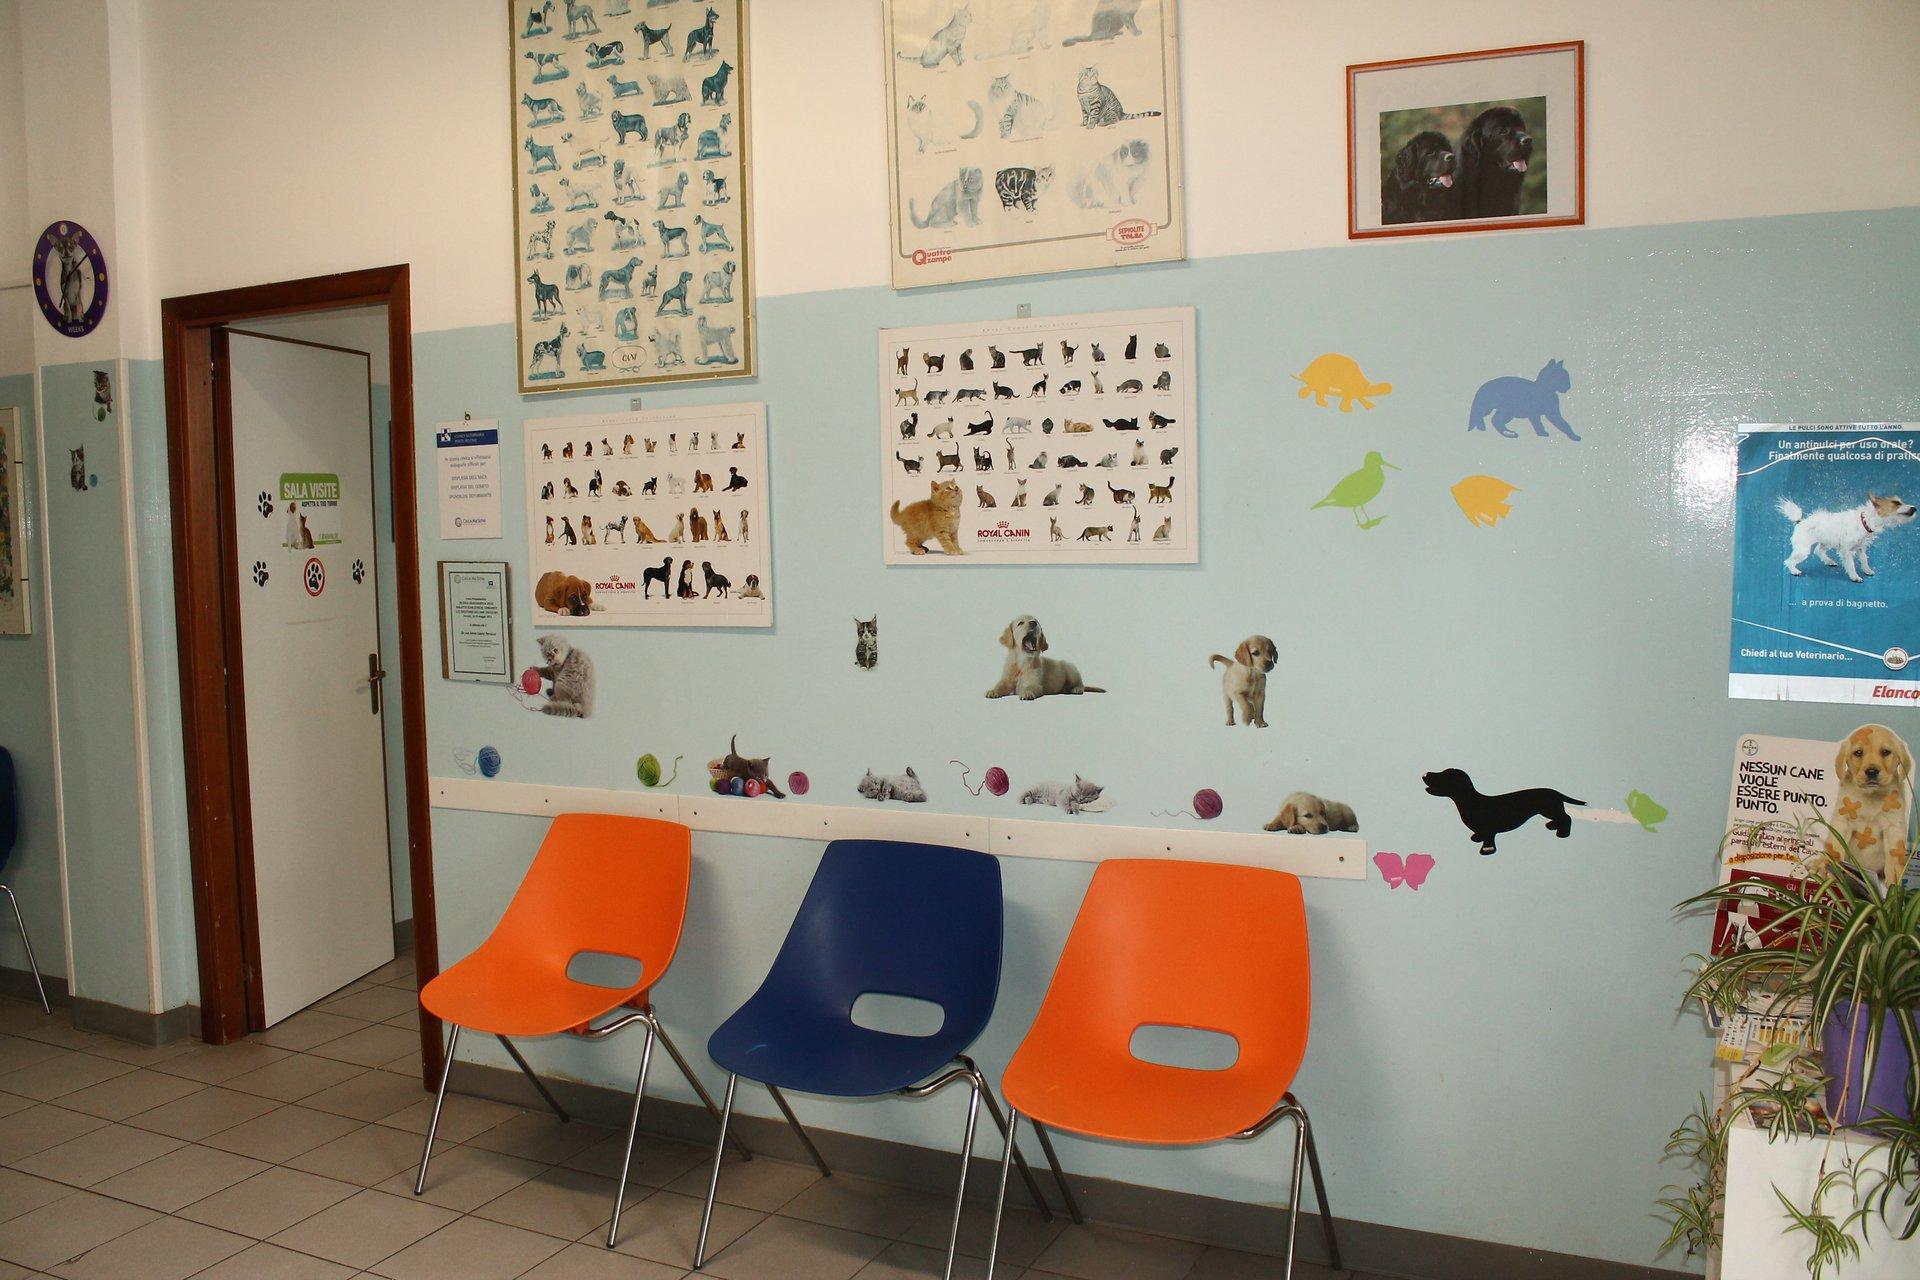 sala di aspetto di una clinica veterinaria